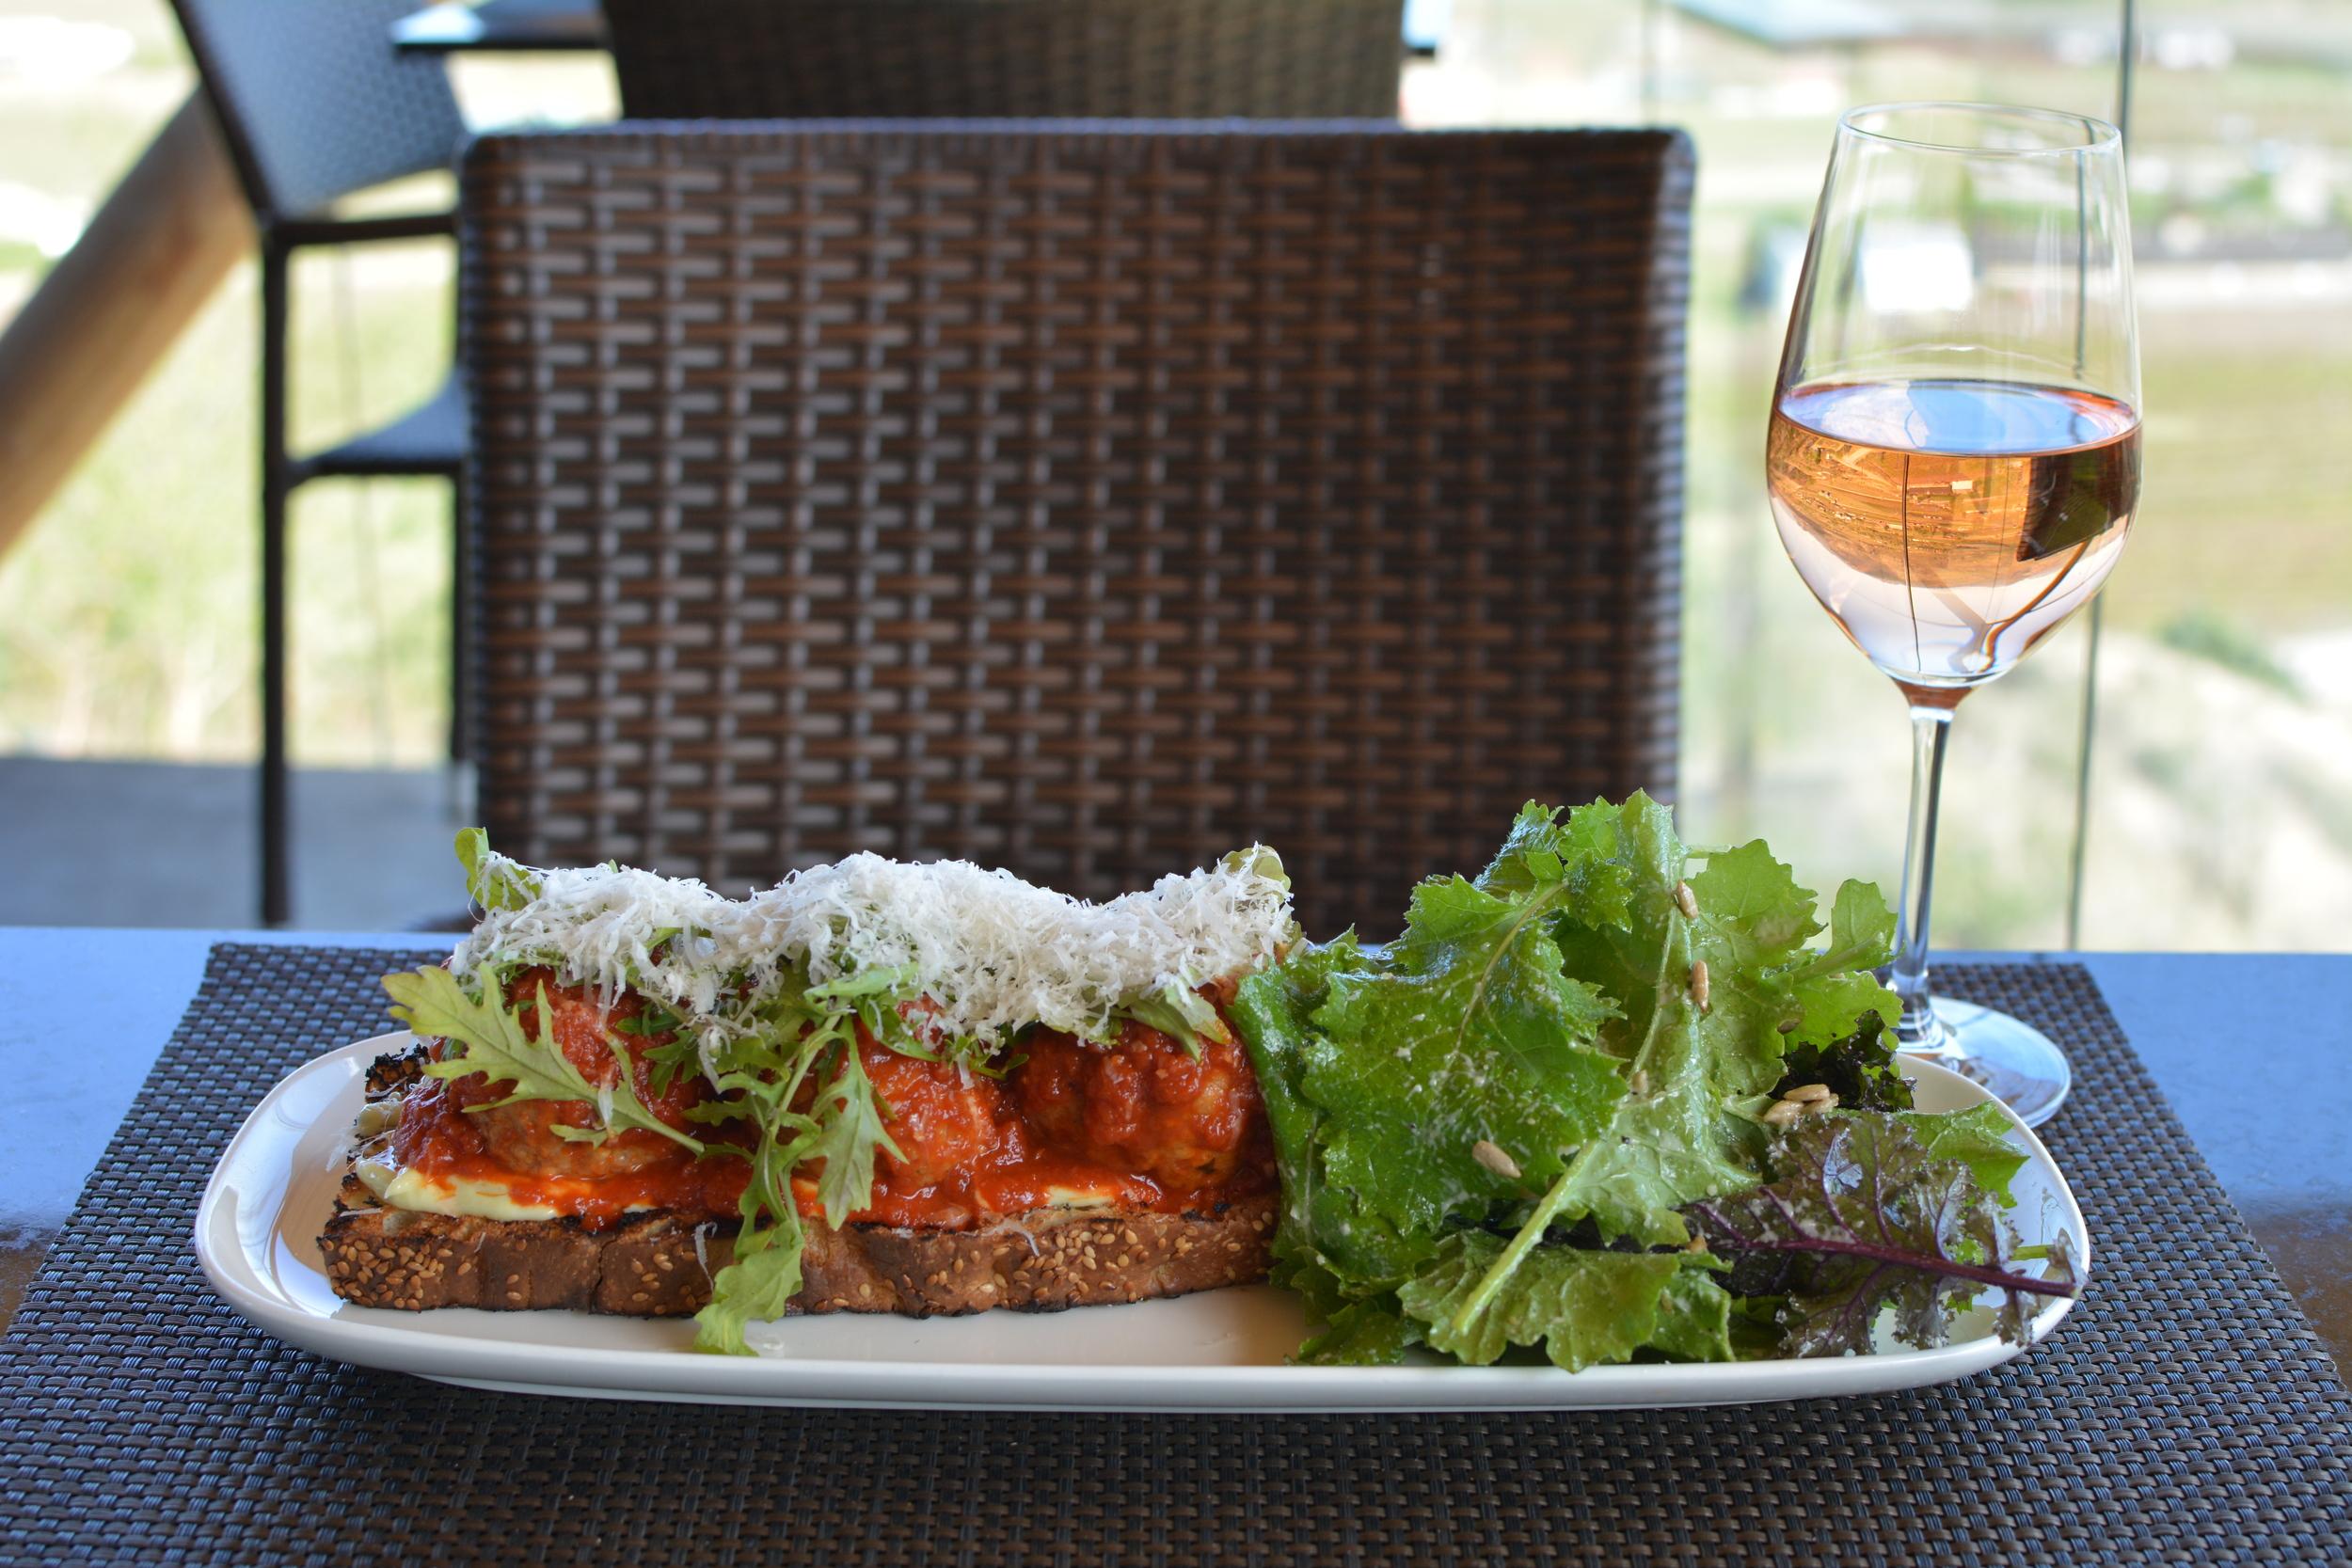 Miradoro Restaurant at Tinhorn Creek Vineyards in Oliver.